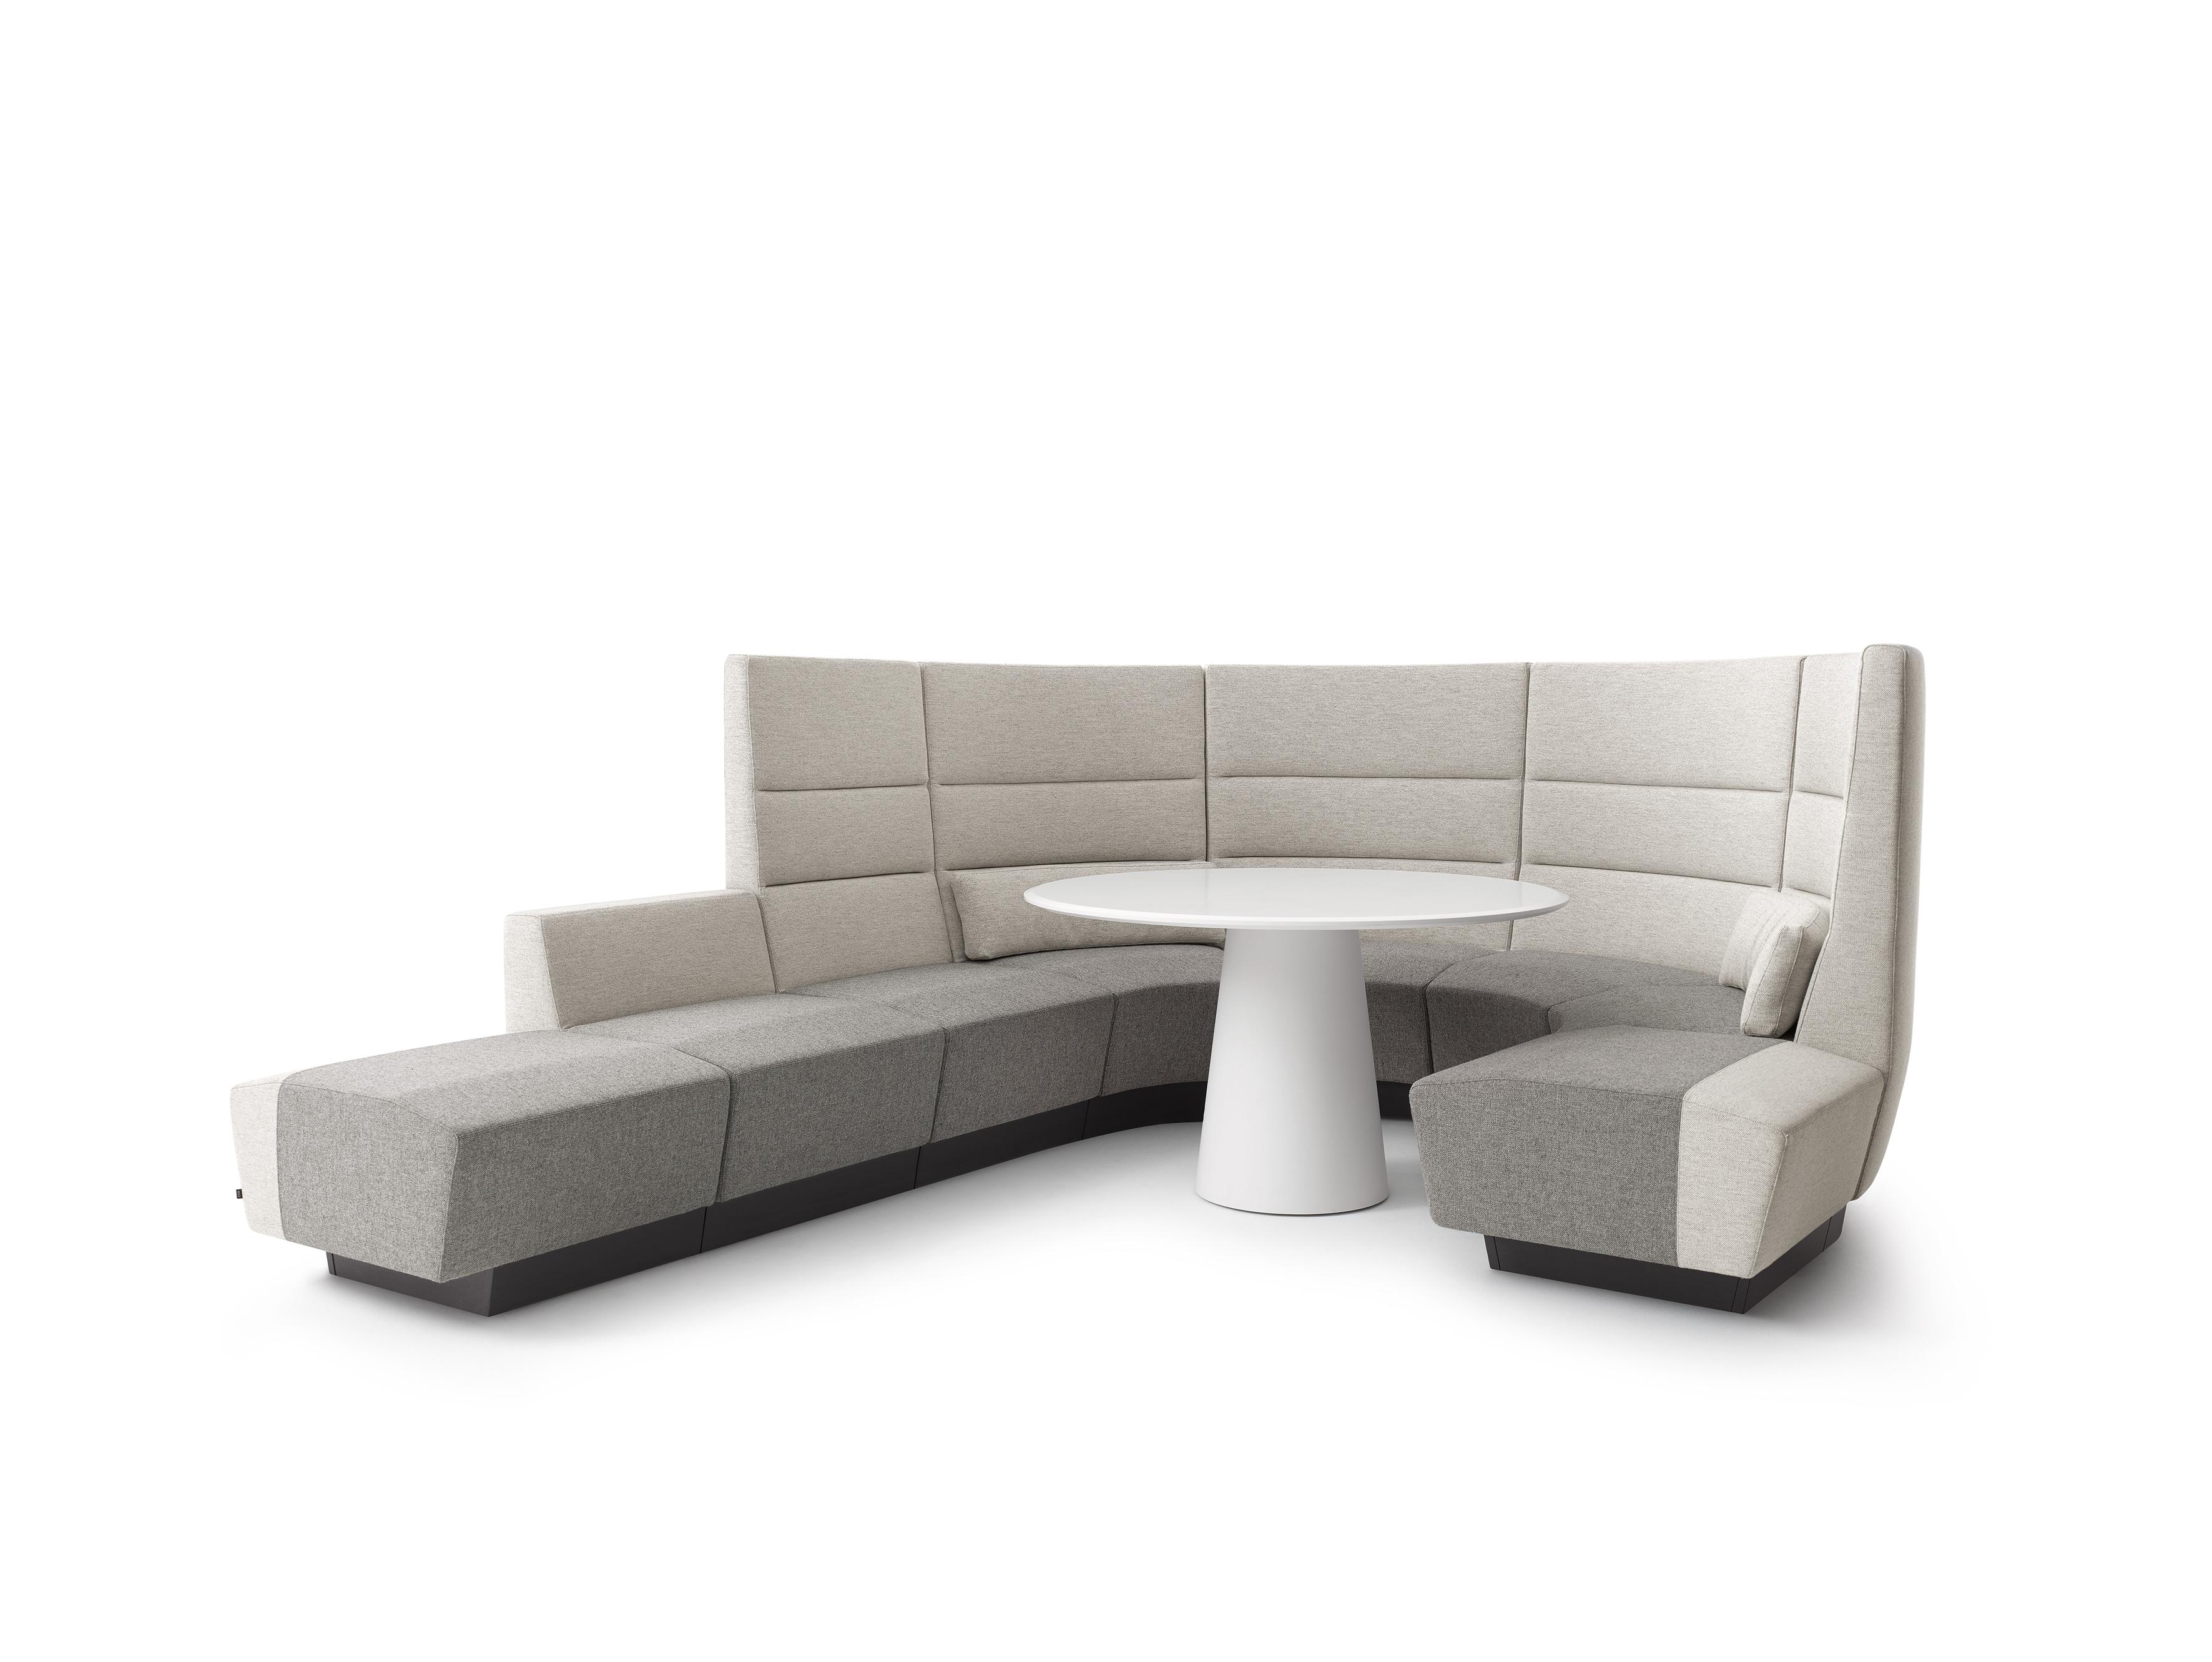 neuheiten und weiterentwicklungen zur orgatec 2016 cor. Black Bedroom Furniture Sets. Home Design Ideas